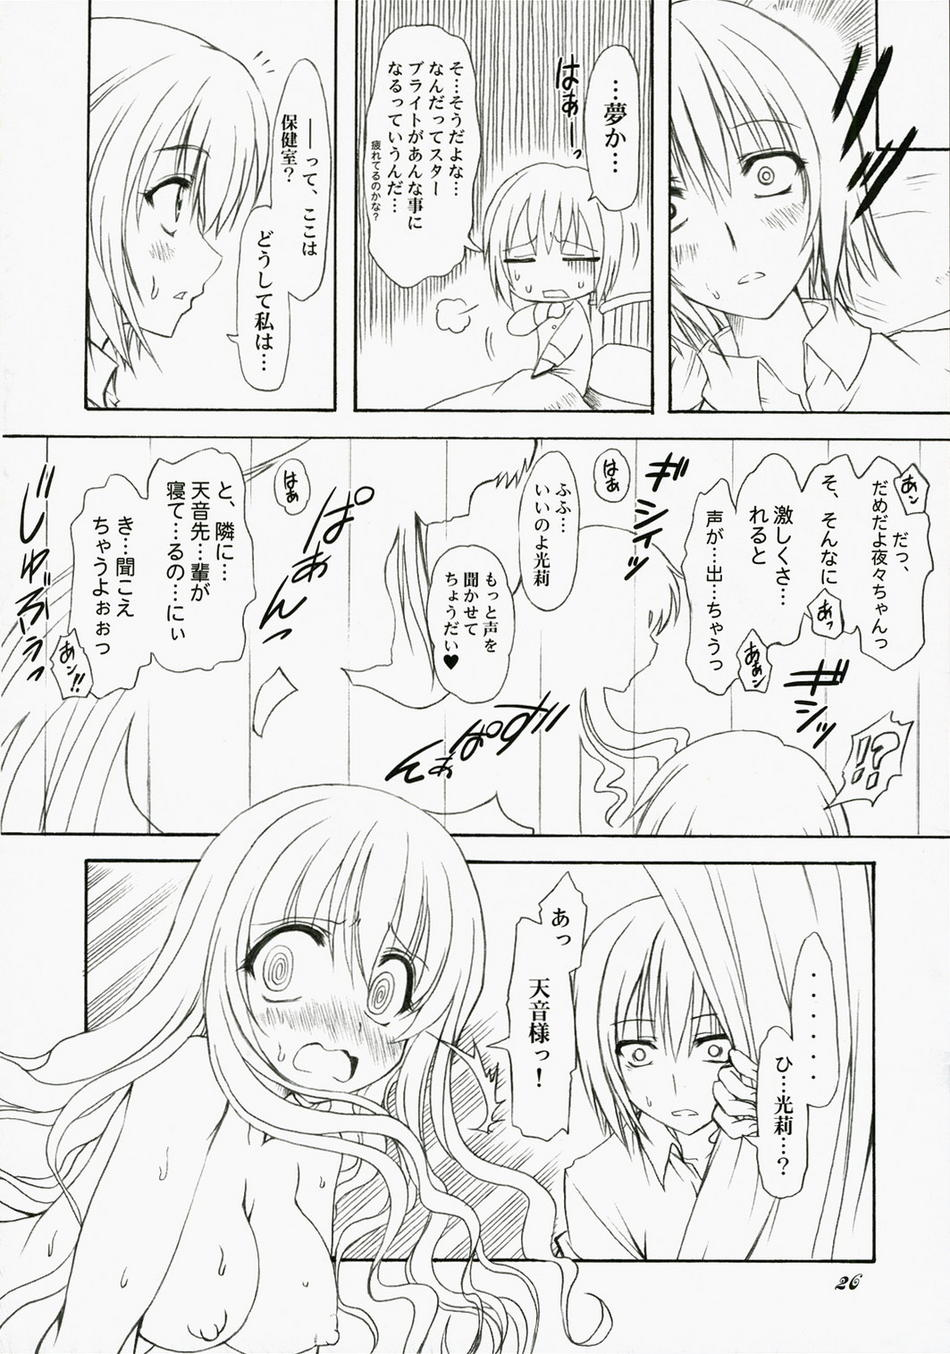 yaya panic and strawberry hikari Monster musume no iru nichijou uncensored